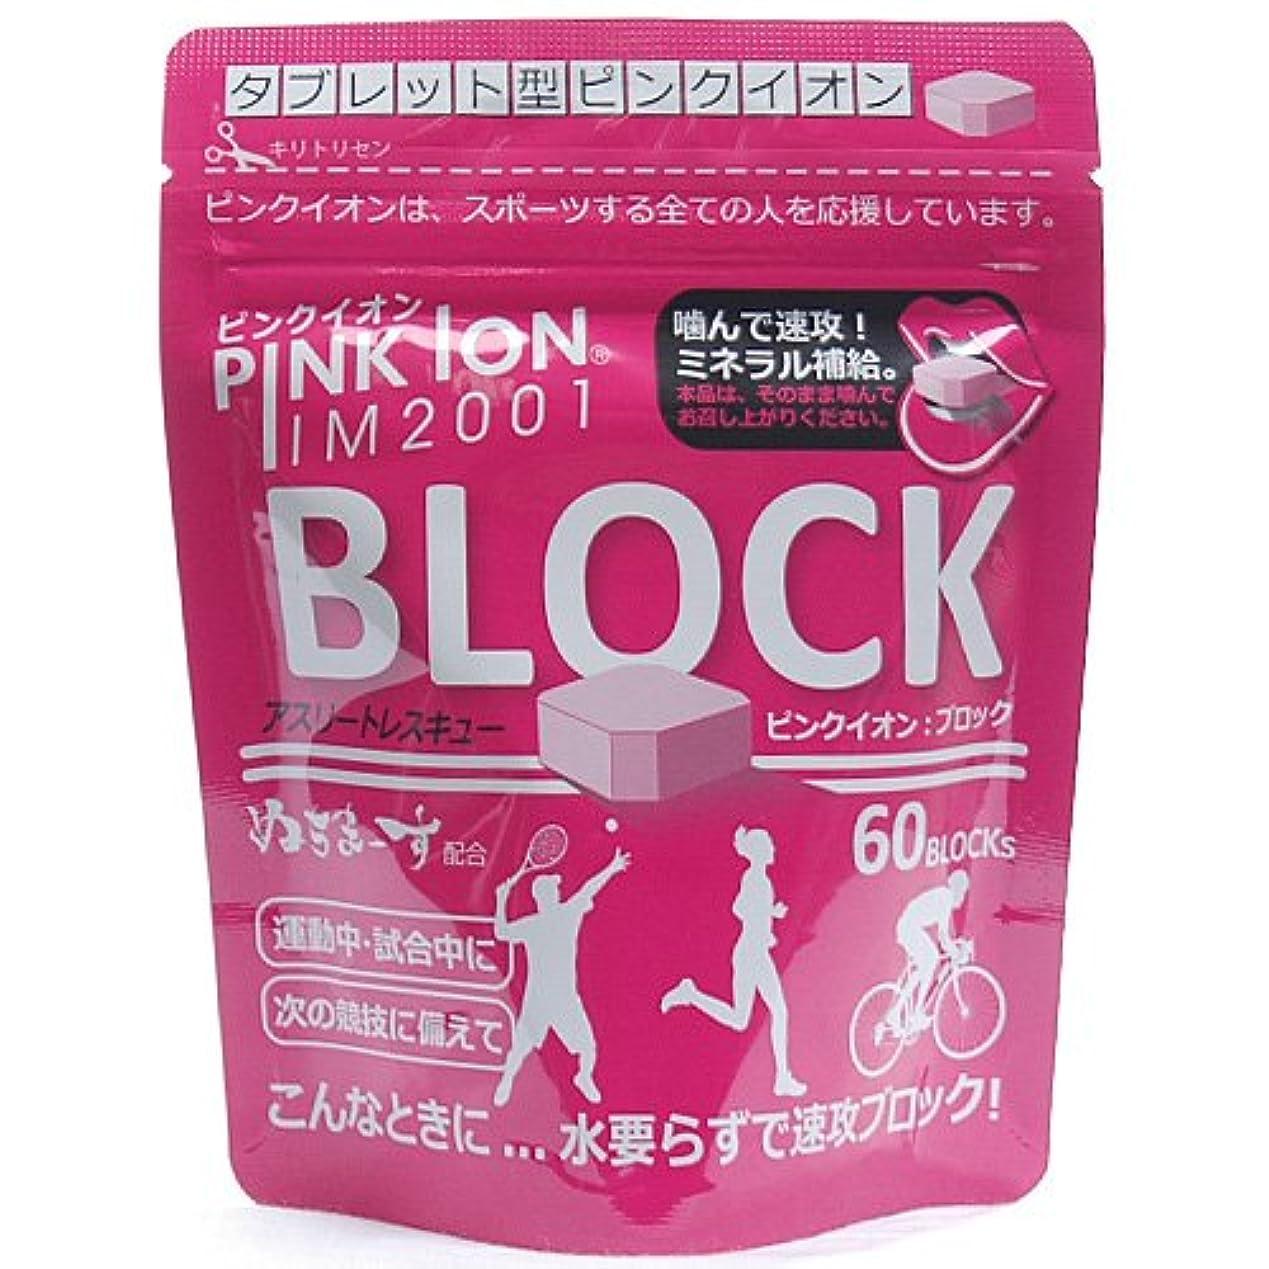 吸収する寺院ジョブピンクイオン ブロック 90g (1.5g x 60粒入?アルミ袋)(ミネラル?アミノ酸補給食品)